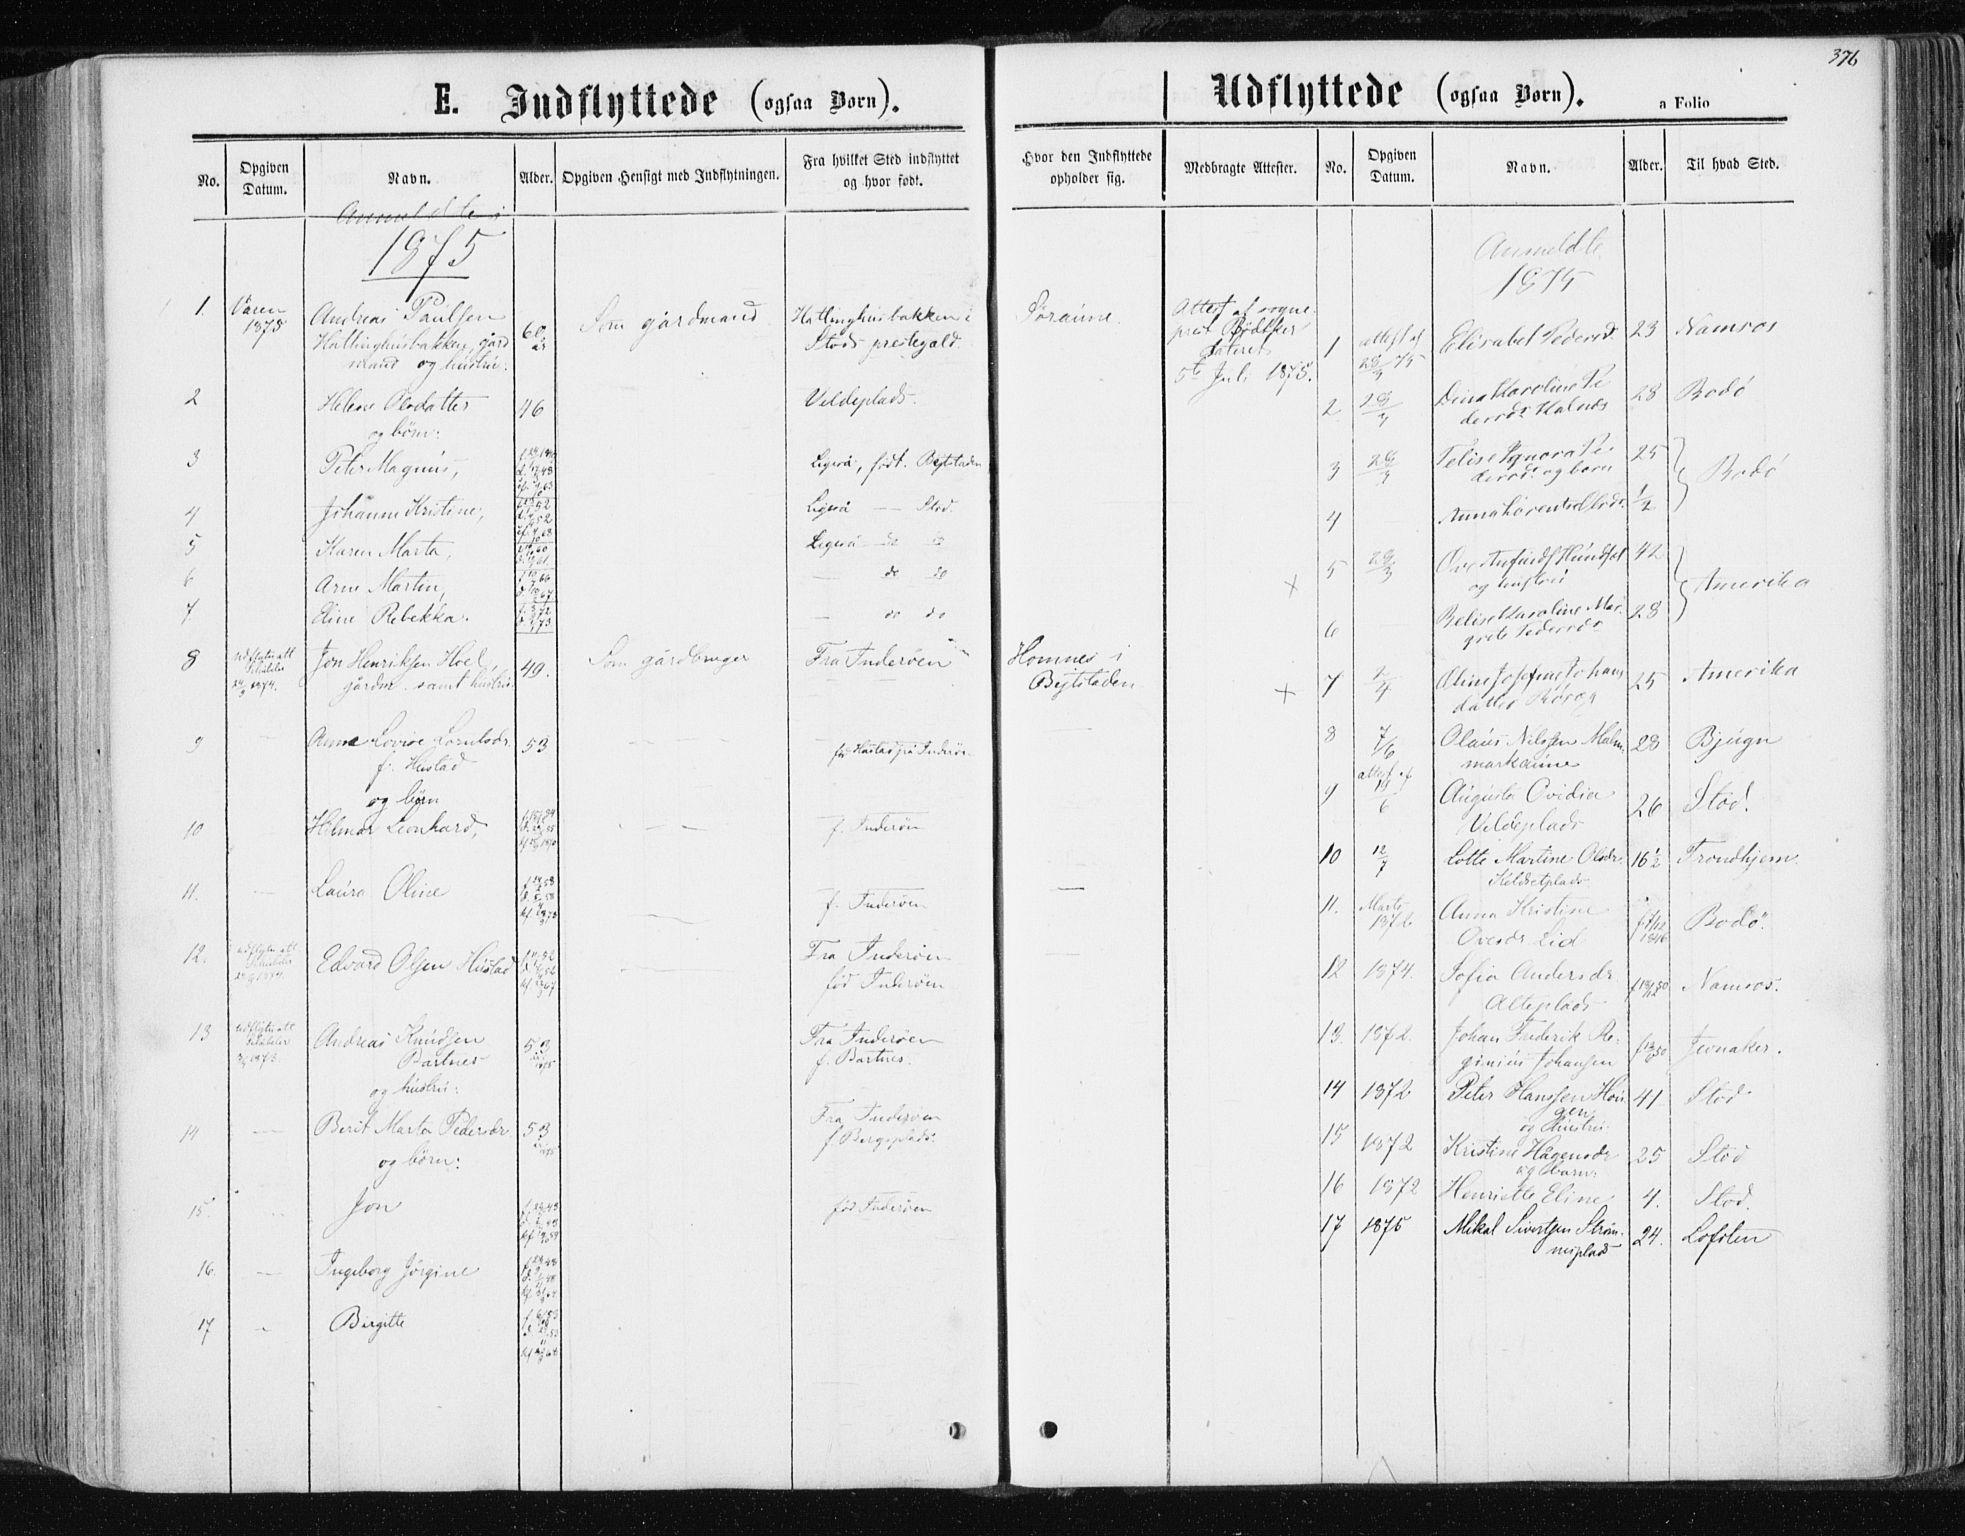 SAT, Ministerialprotokoller, klokkerbøker og fødselsregistre - Nord-Trøndelag, 741/L0394: Ministerialbok nr. 741A08, 1864-1877, s. 376